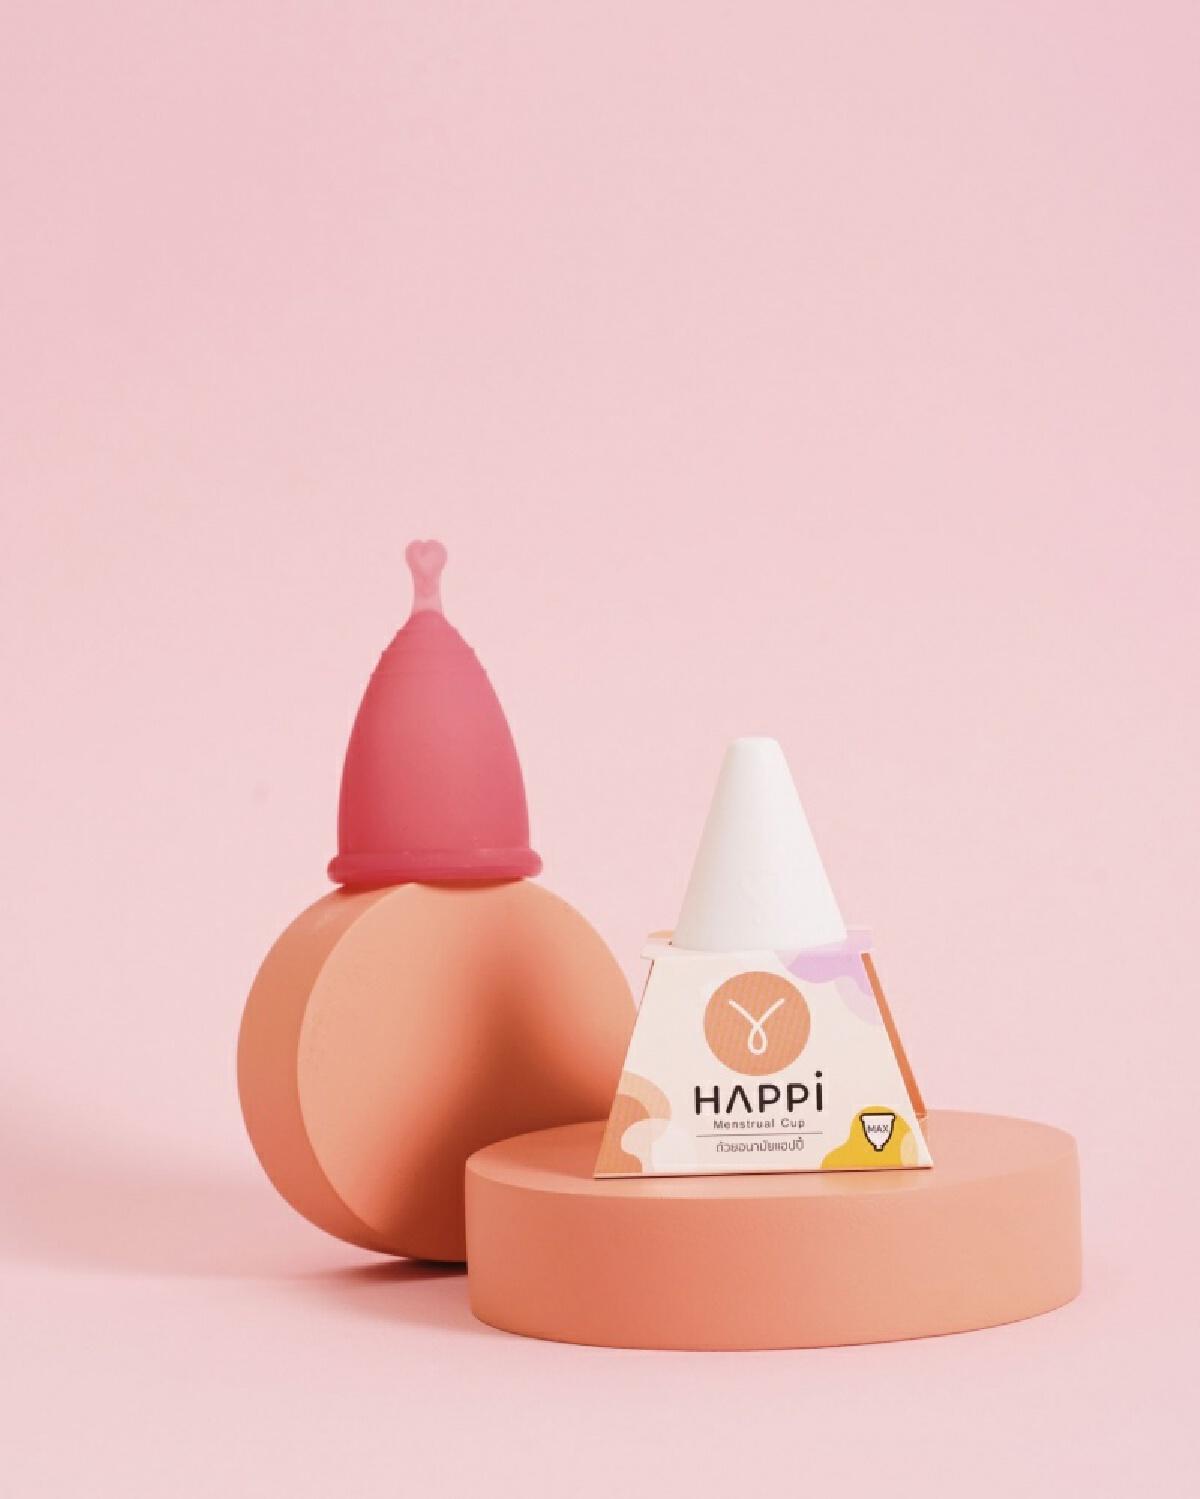 """เทรนด์ใหม่ เอาใจสาวๆ เปิดตัวนวัตกรรม """"ถ้วยอนามัย"""" แรกของไทย แบรนด์ Happi(แฮปปี้)"""